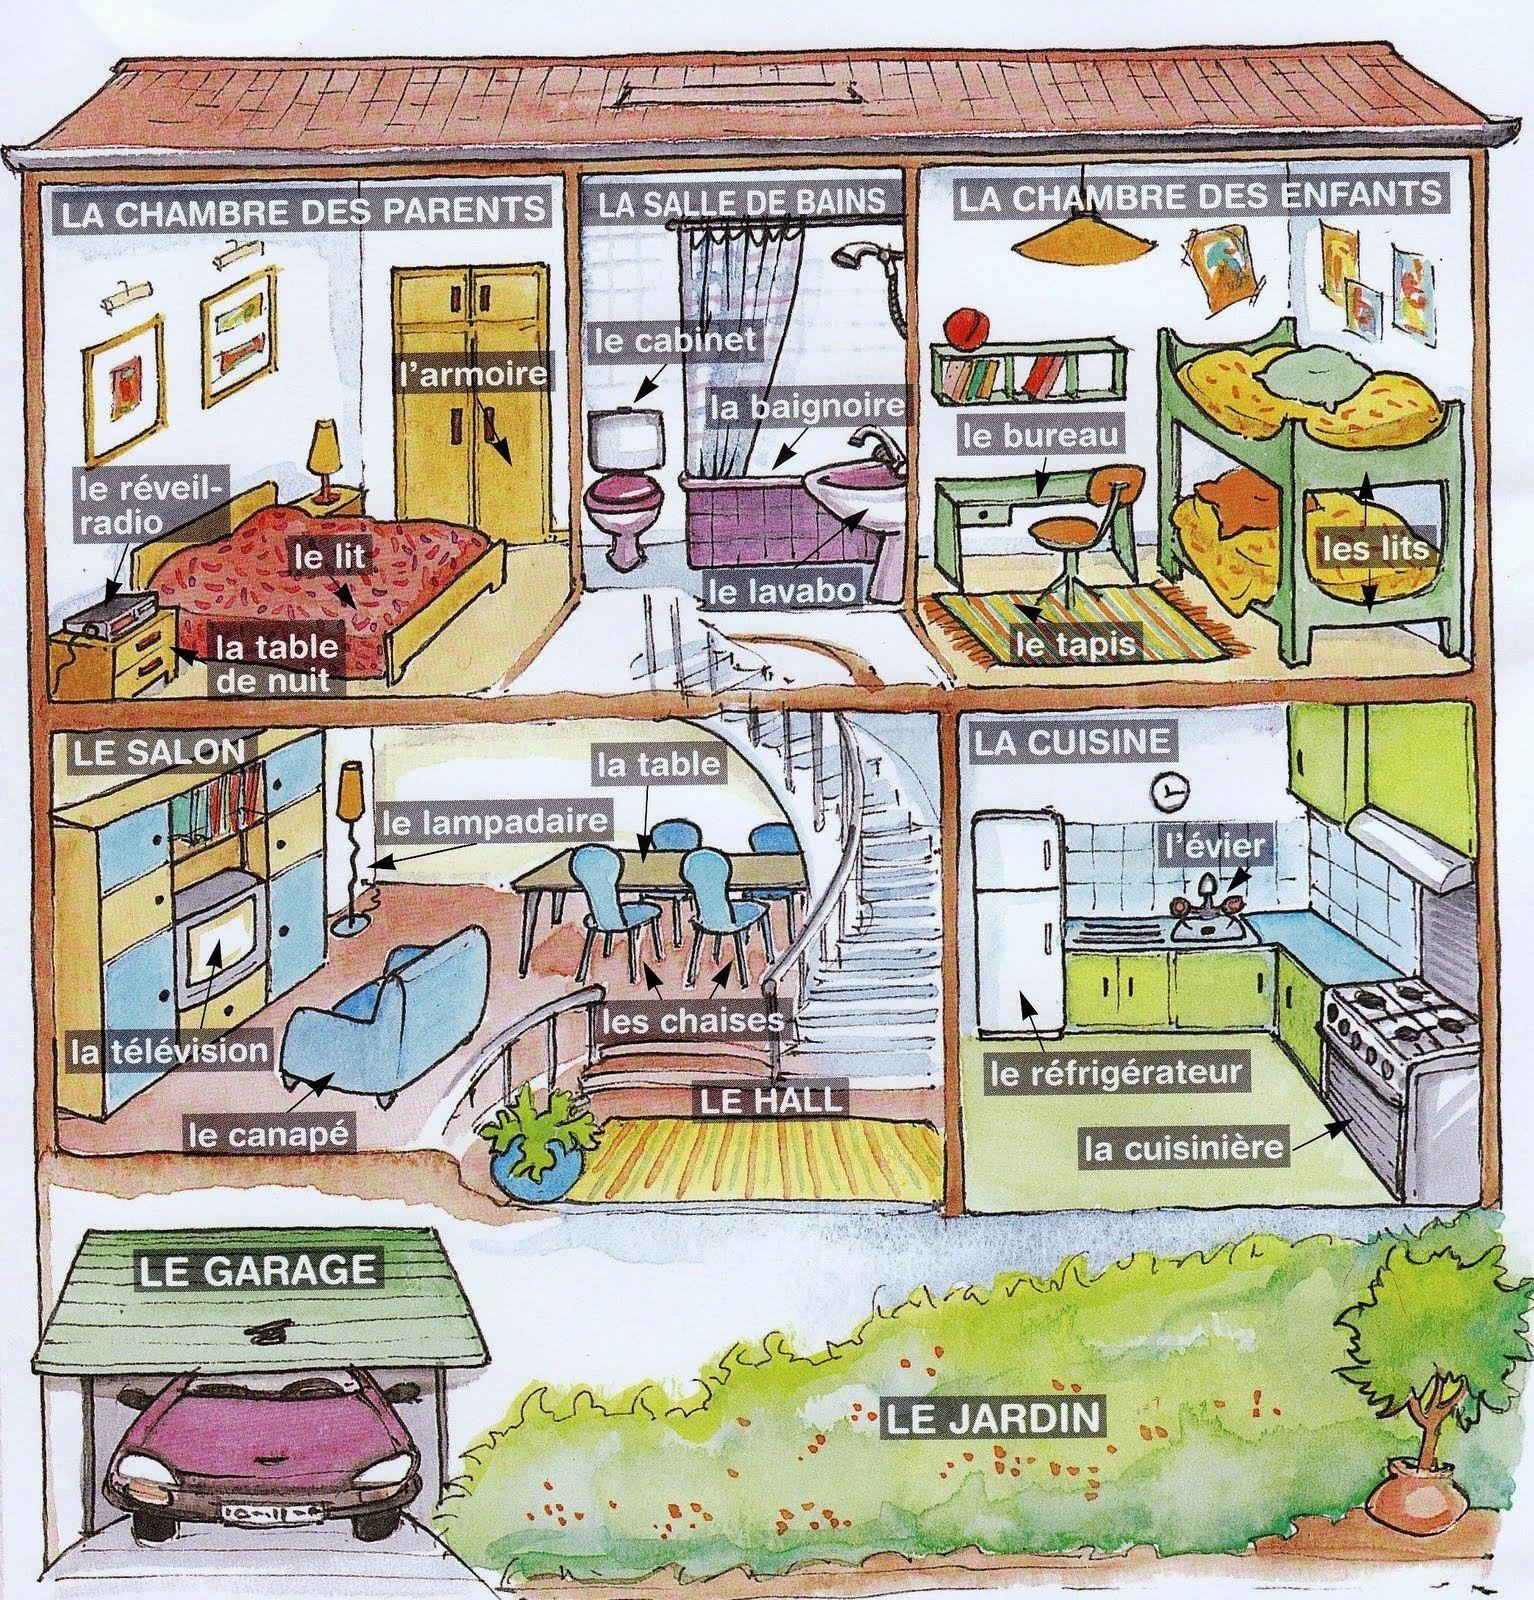 ripasso facile descrivere la casa in francese